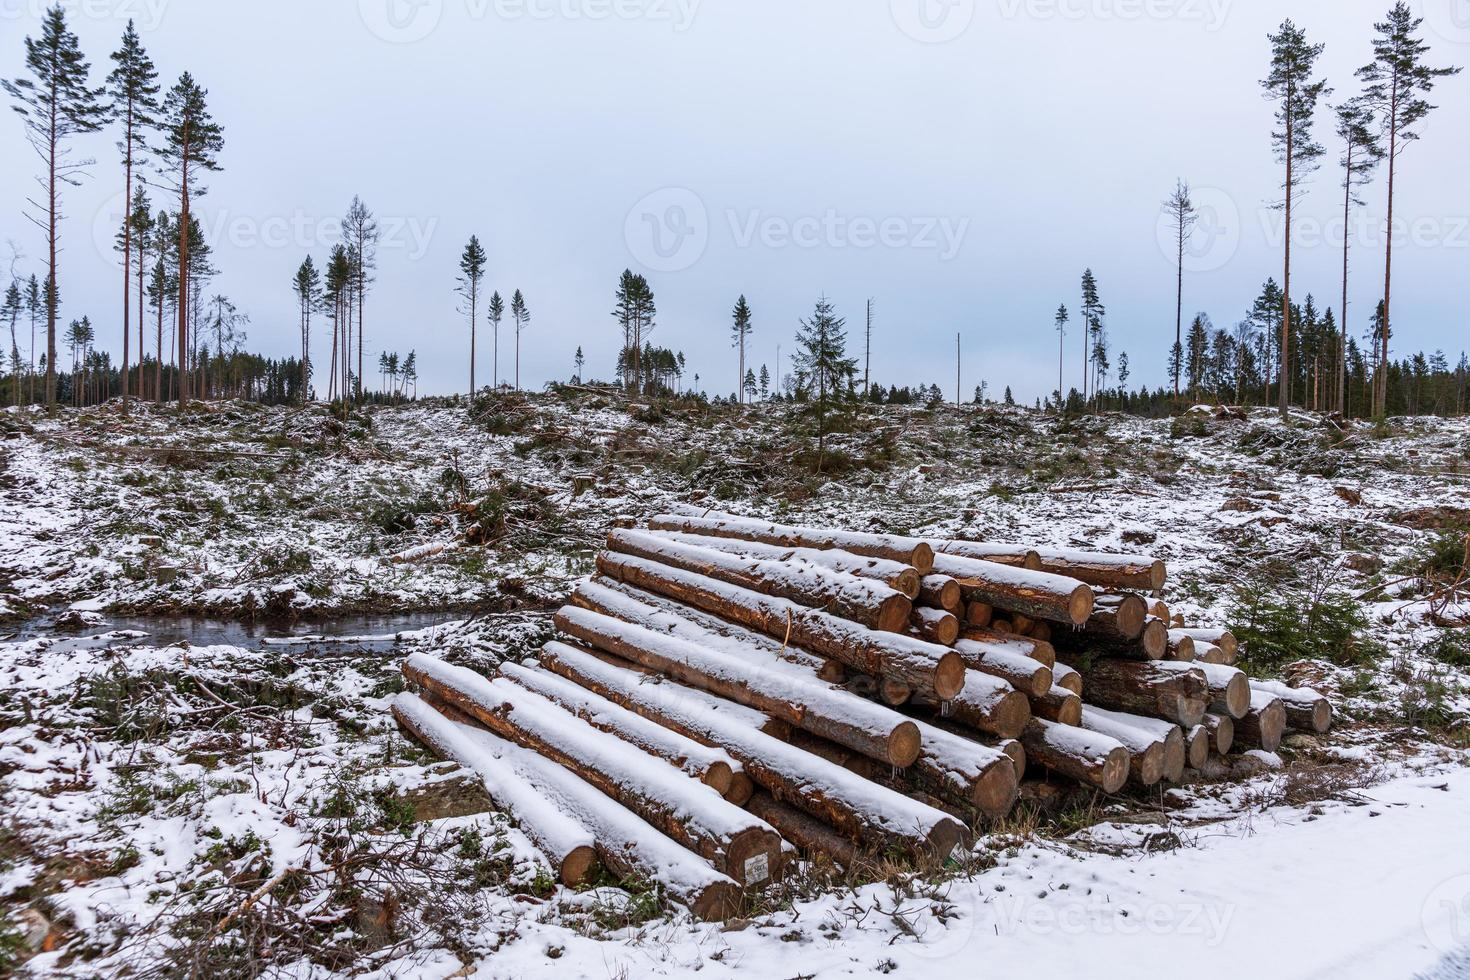 ontbossing gebied in een winter koud zweden foto